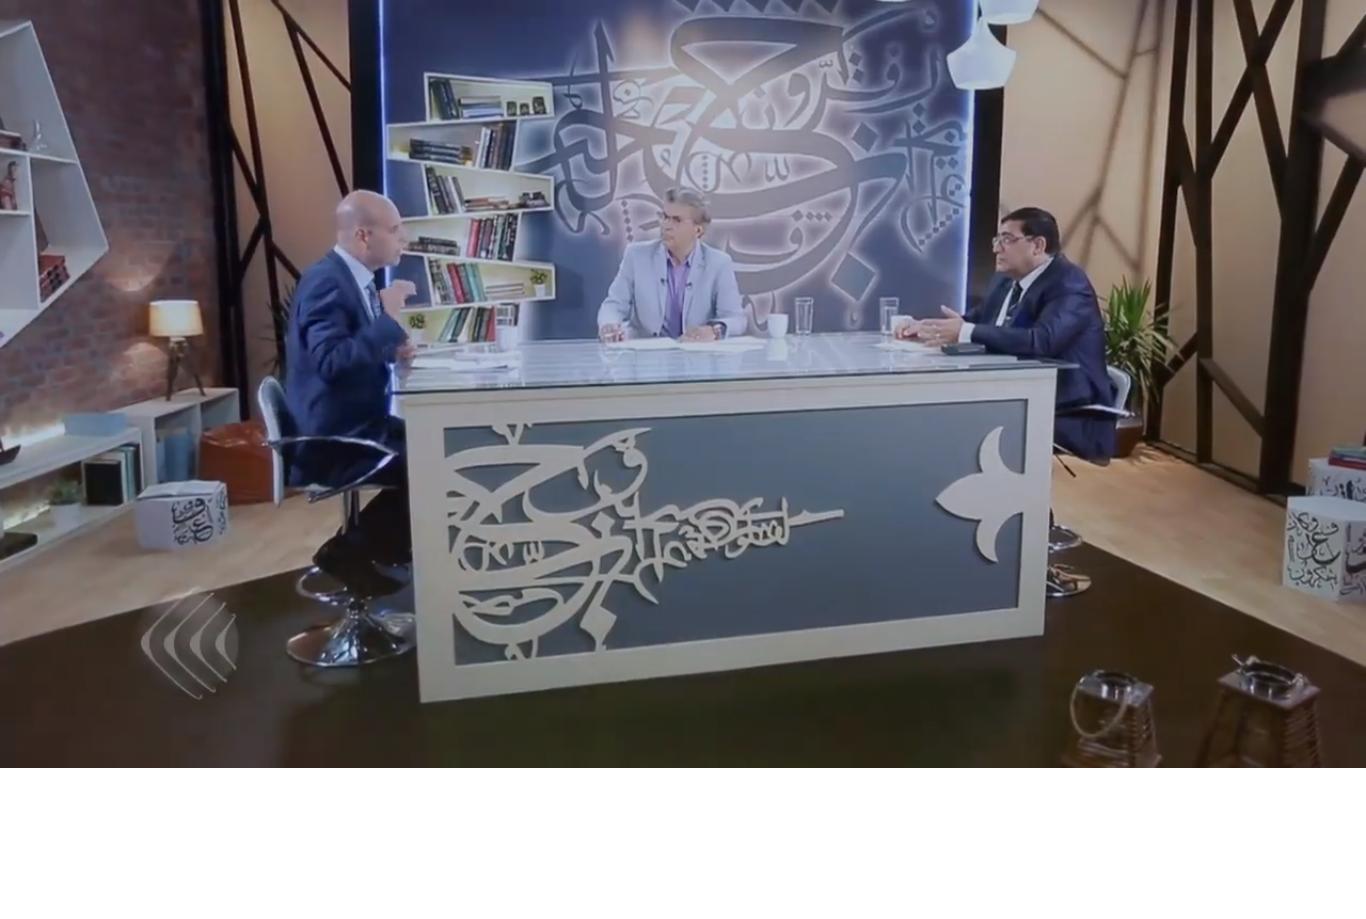 «يتفكرون».. خالد منتصر يناقش «لعبة أسلمة الاقتصاد» مع نادر حمامي وعبد الخالق فاروق   قناة الغد